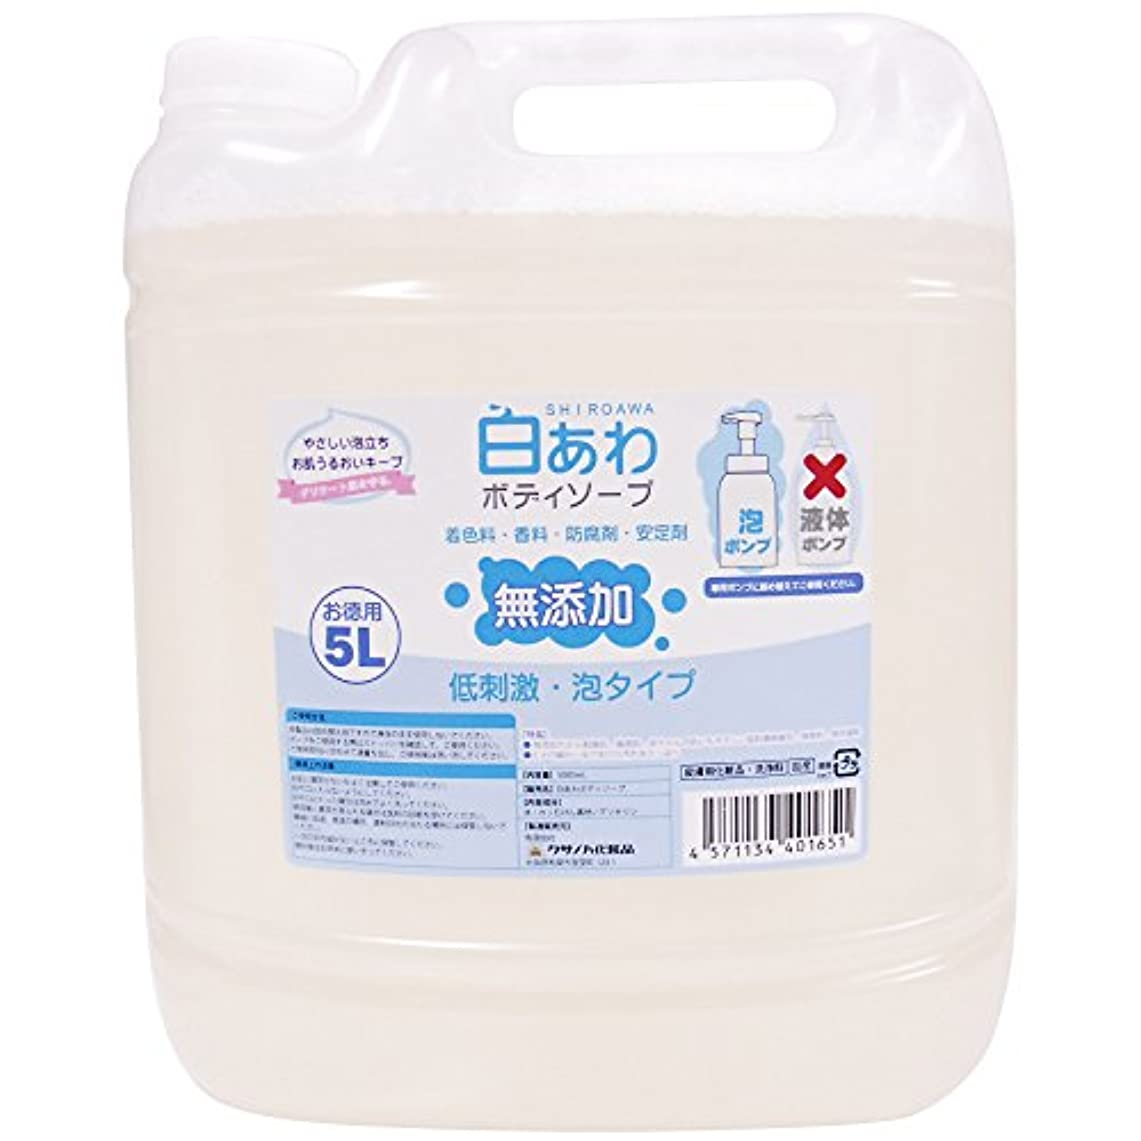 流体補う余計な【無添加】白あわボディソープ 詰替用 5L